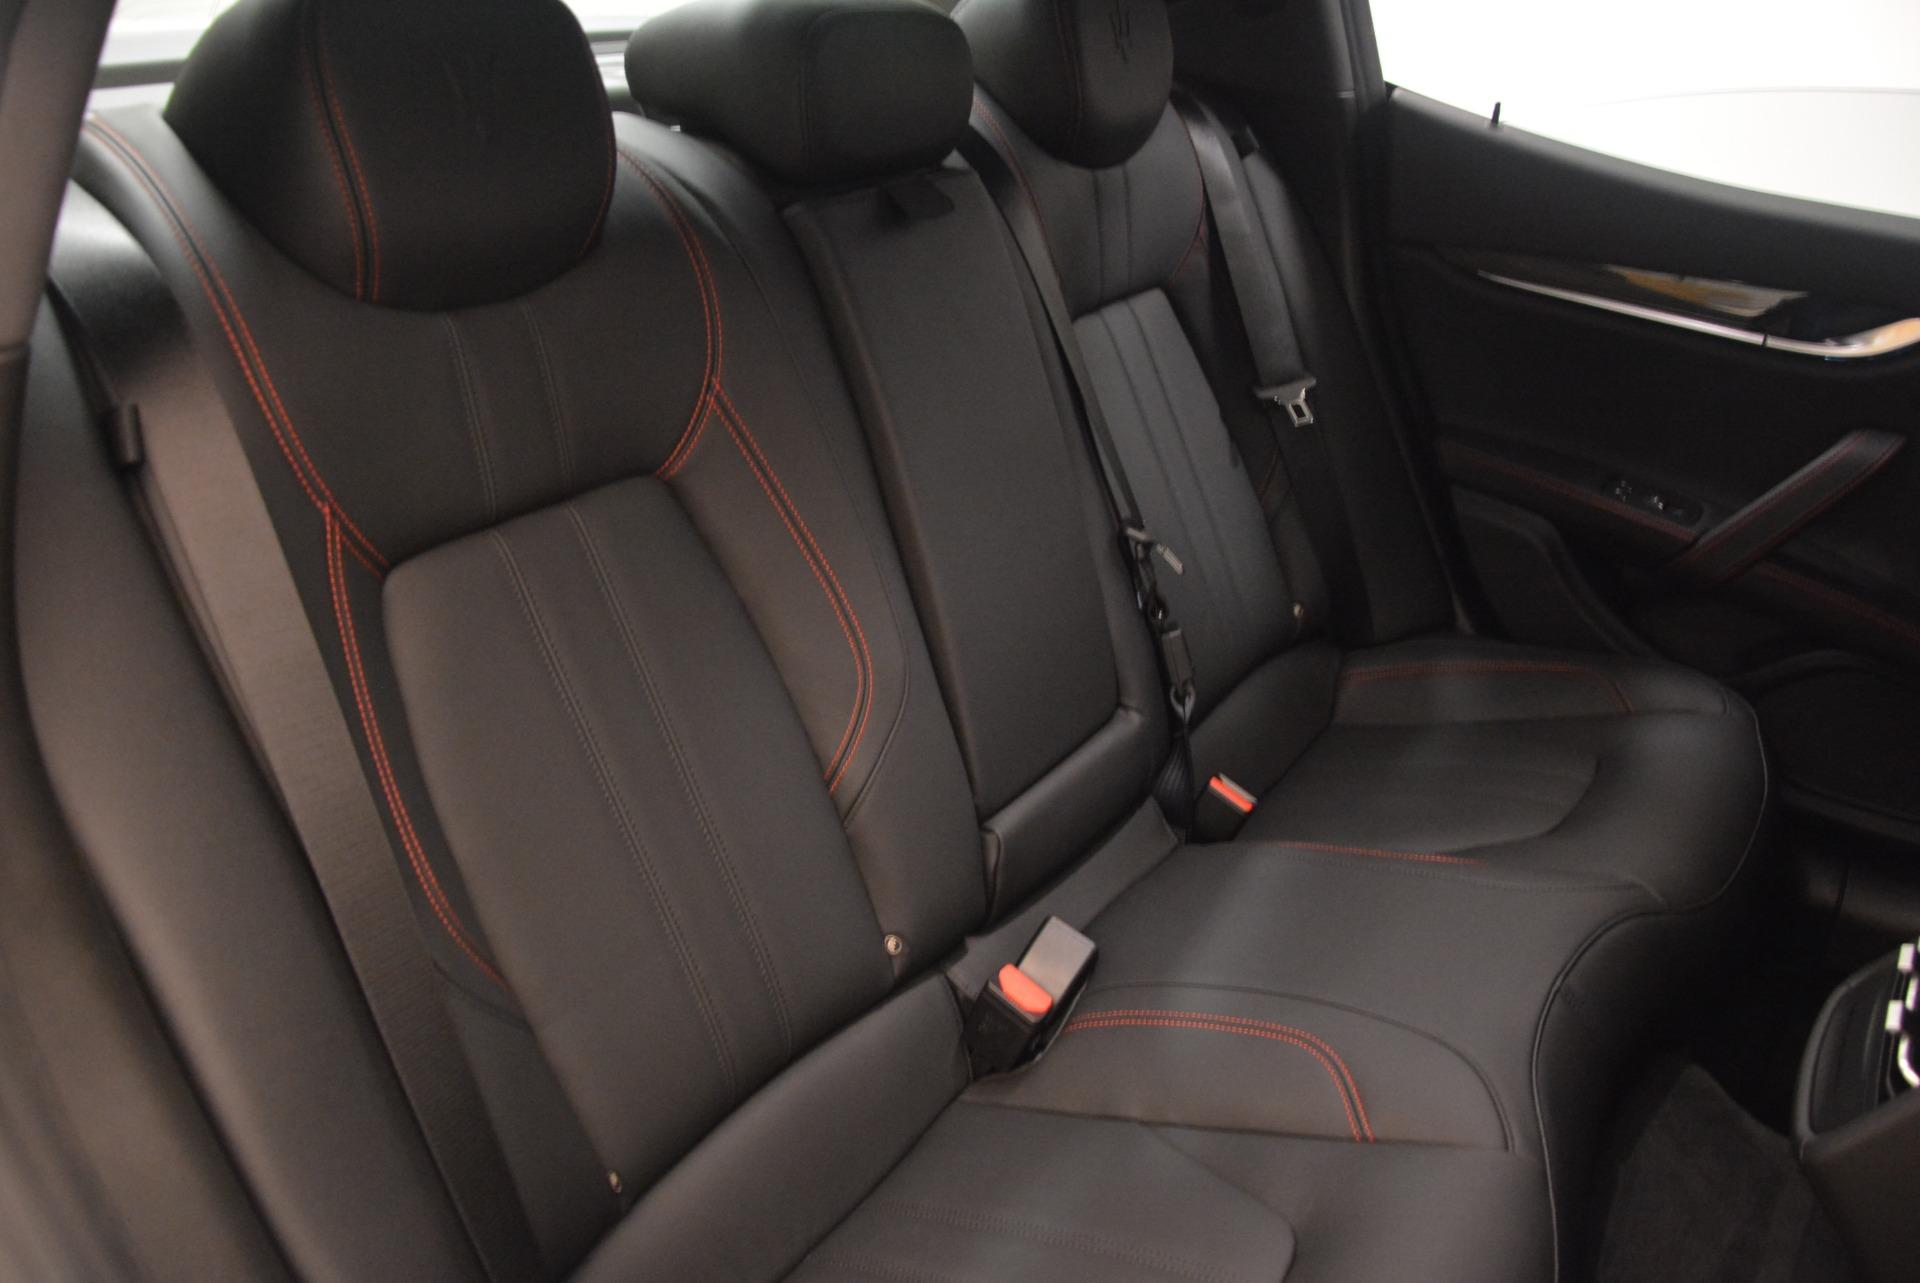 New 2018 Maserati Ghibli SQ4 GranSport Nerissimo For Sale In Greenwich, CT. Alfa Romeo of Greenwich, M2171 2366_p24